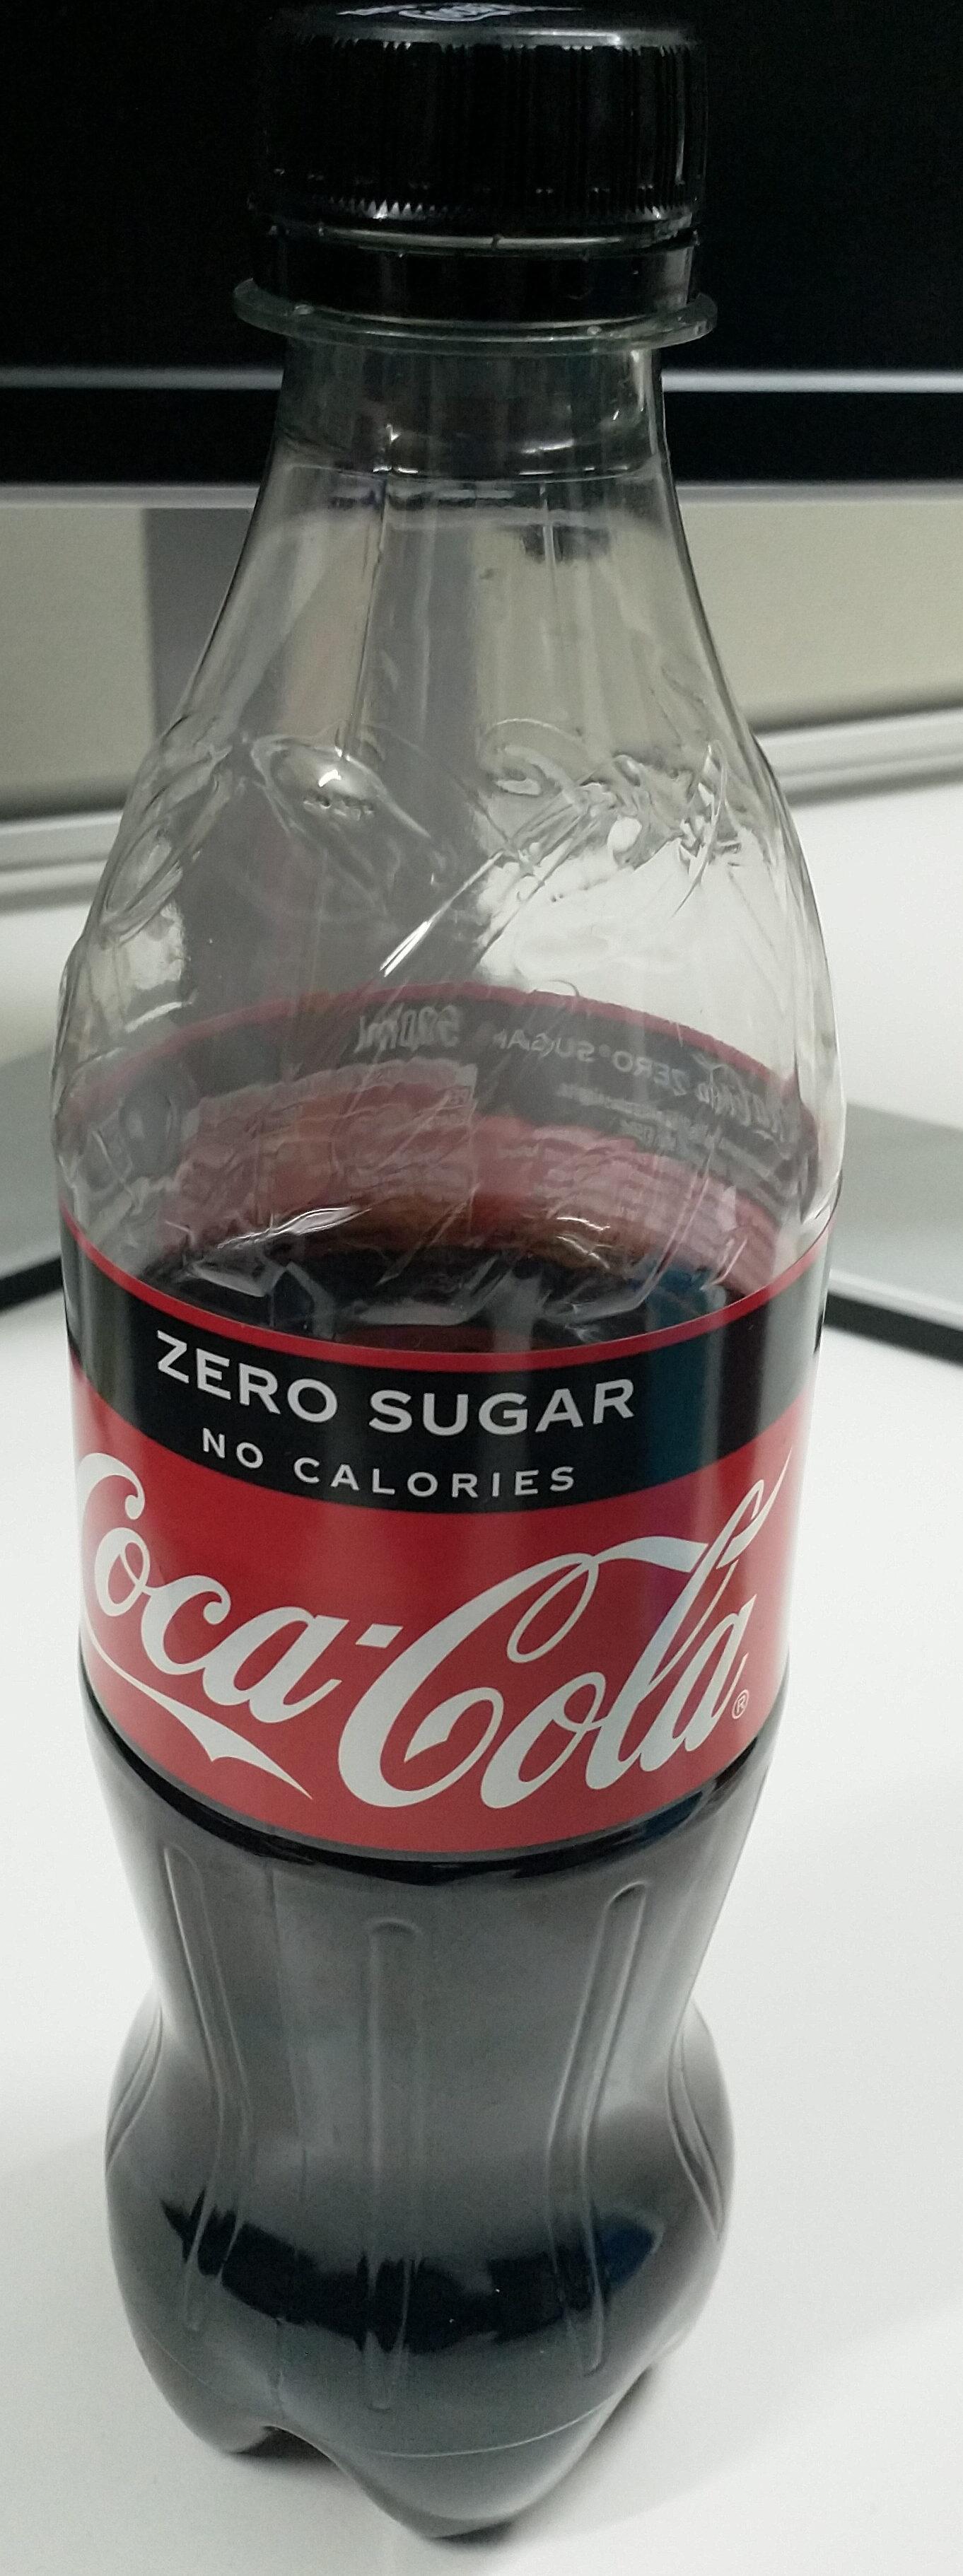 Coca-cola Zero Sugar - Product